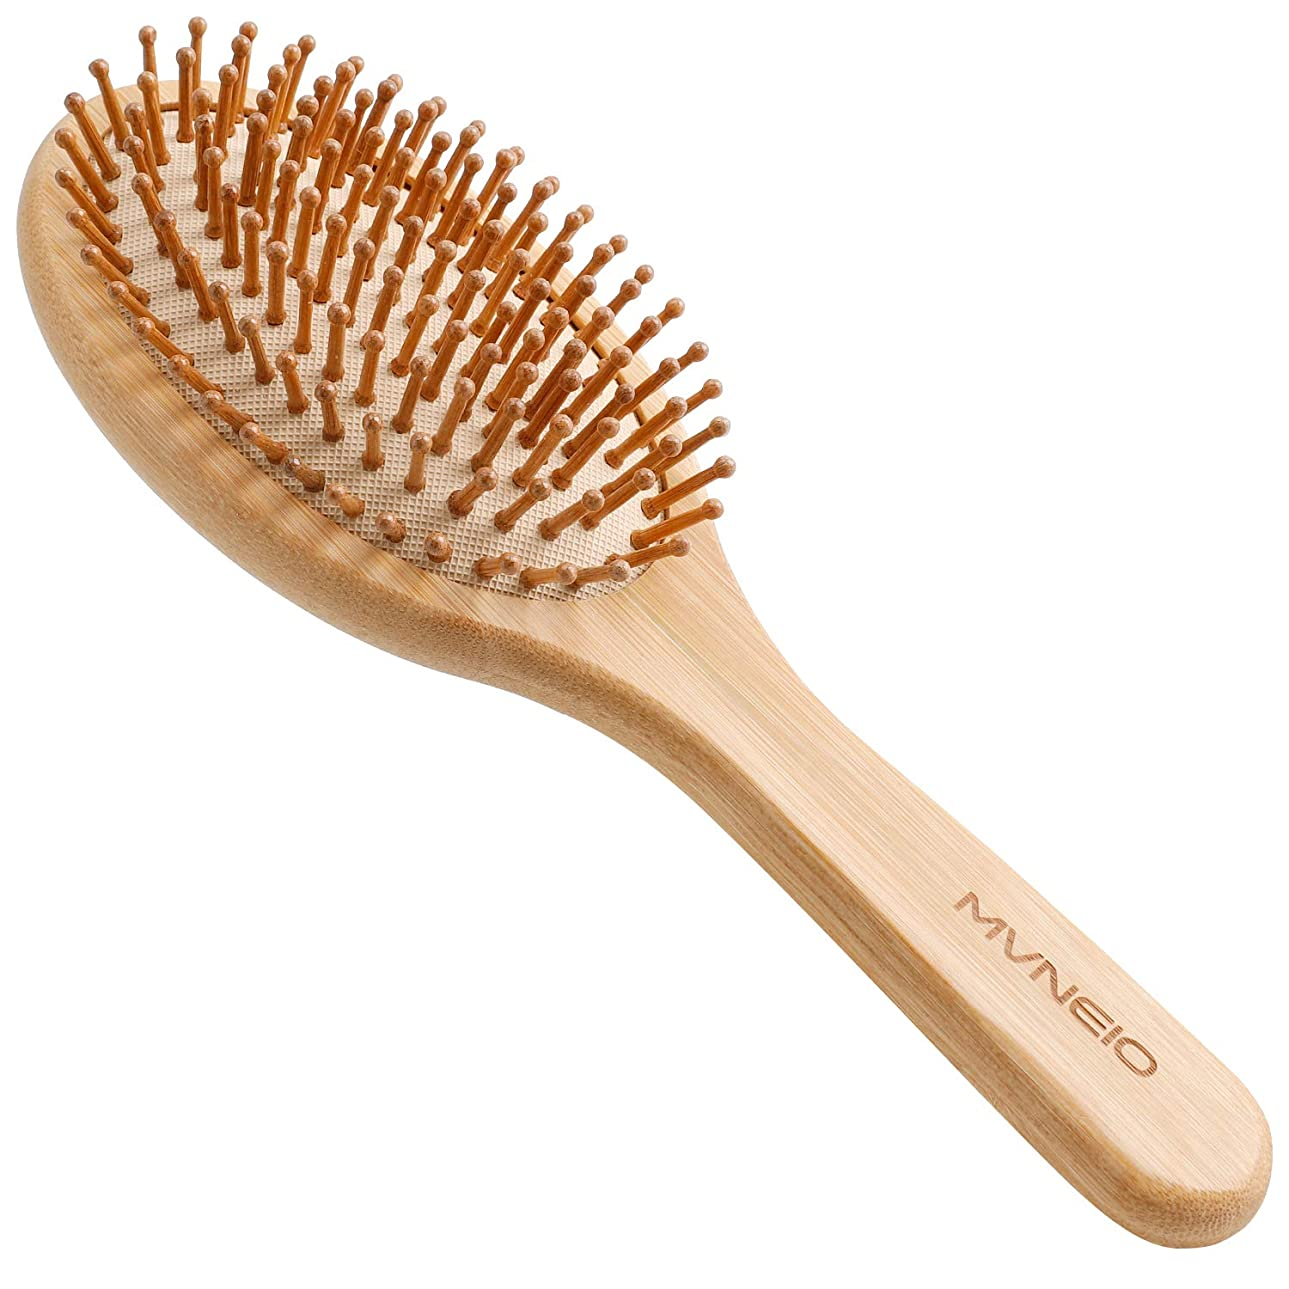 明日疲れたあいにくヘアブラシ 竹製櫛 くし ヘアケア 頭皮マッサージ 静電気防止 パドルブラシ 美髪ケア 頭皮に優しい メンズ レディースに適用